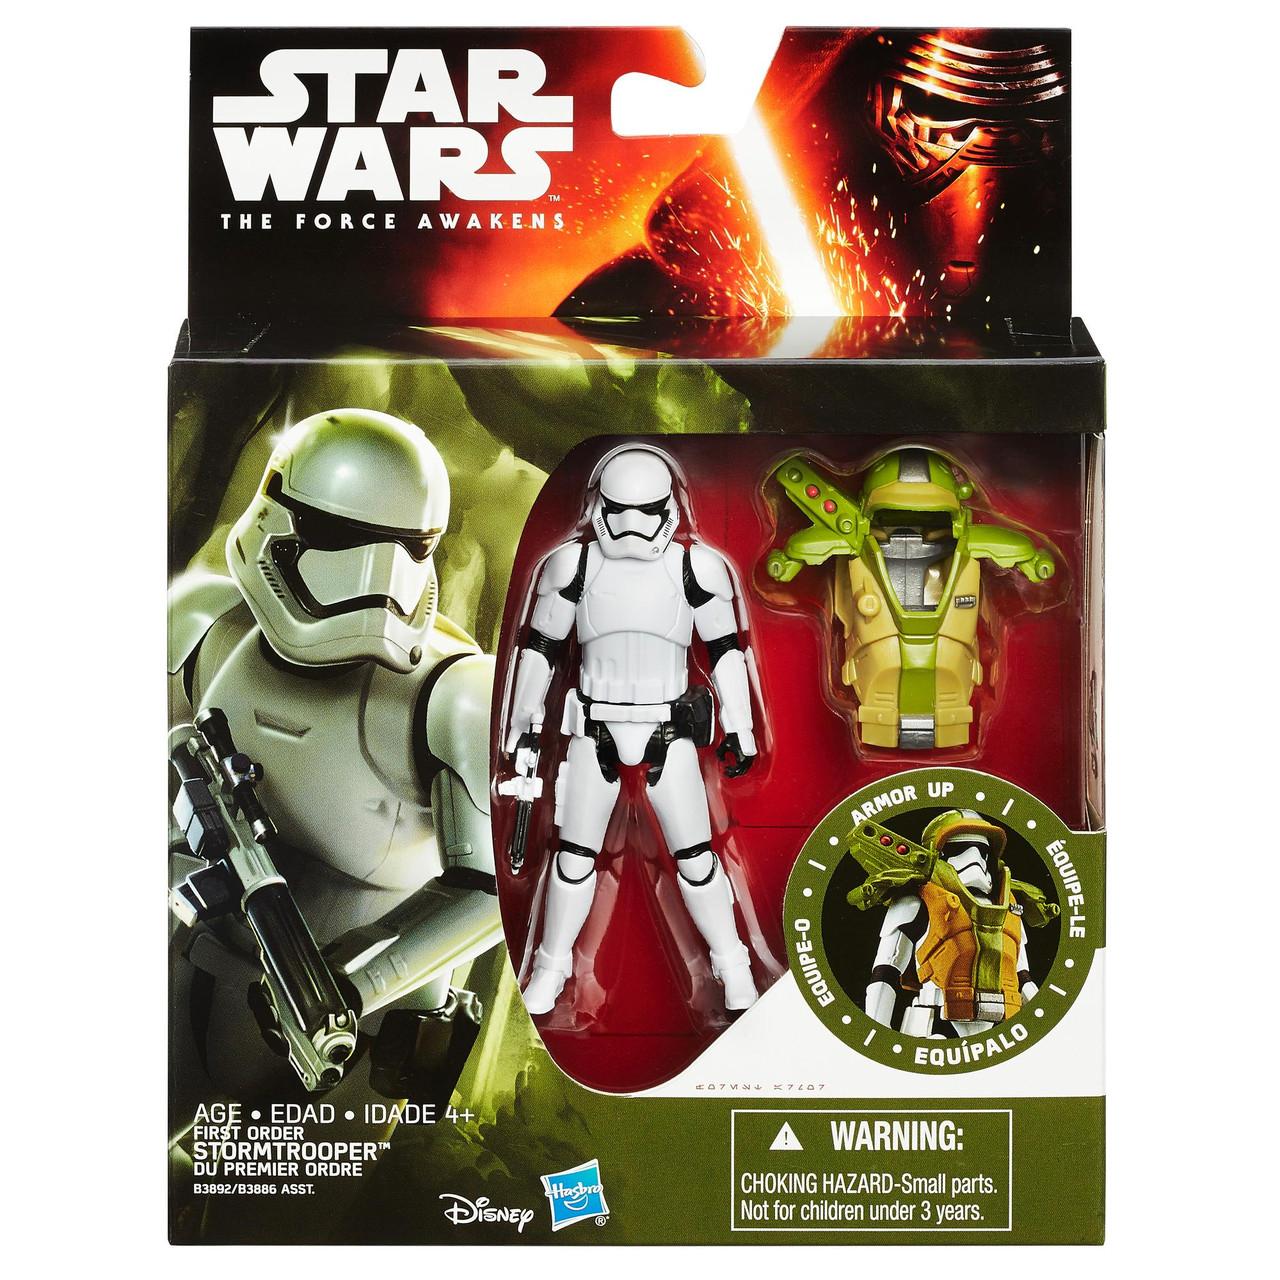 Штурмовик первого порядка с броней, Звездные войны 7 - First Order Stormtrooper, The Force Awakens, Hasbro